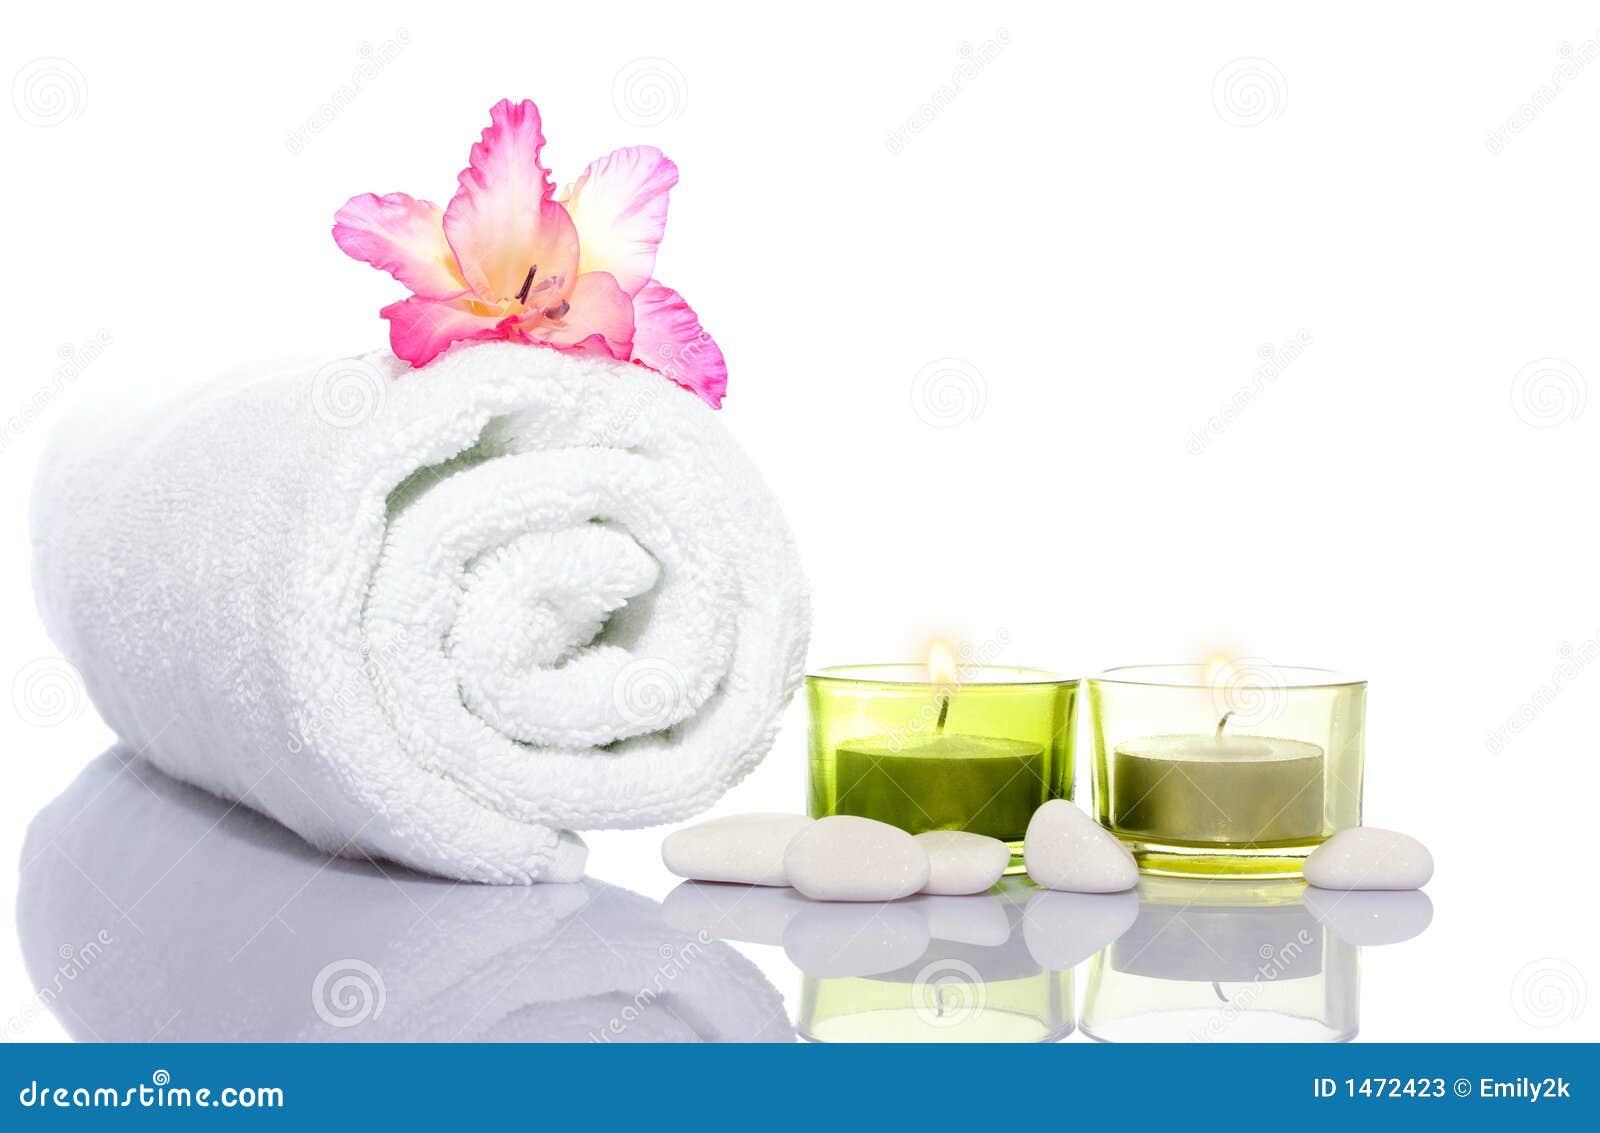 Gladiola toalla blanca velas y piedras del r o blanco for Piedra de rio blanca precio